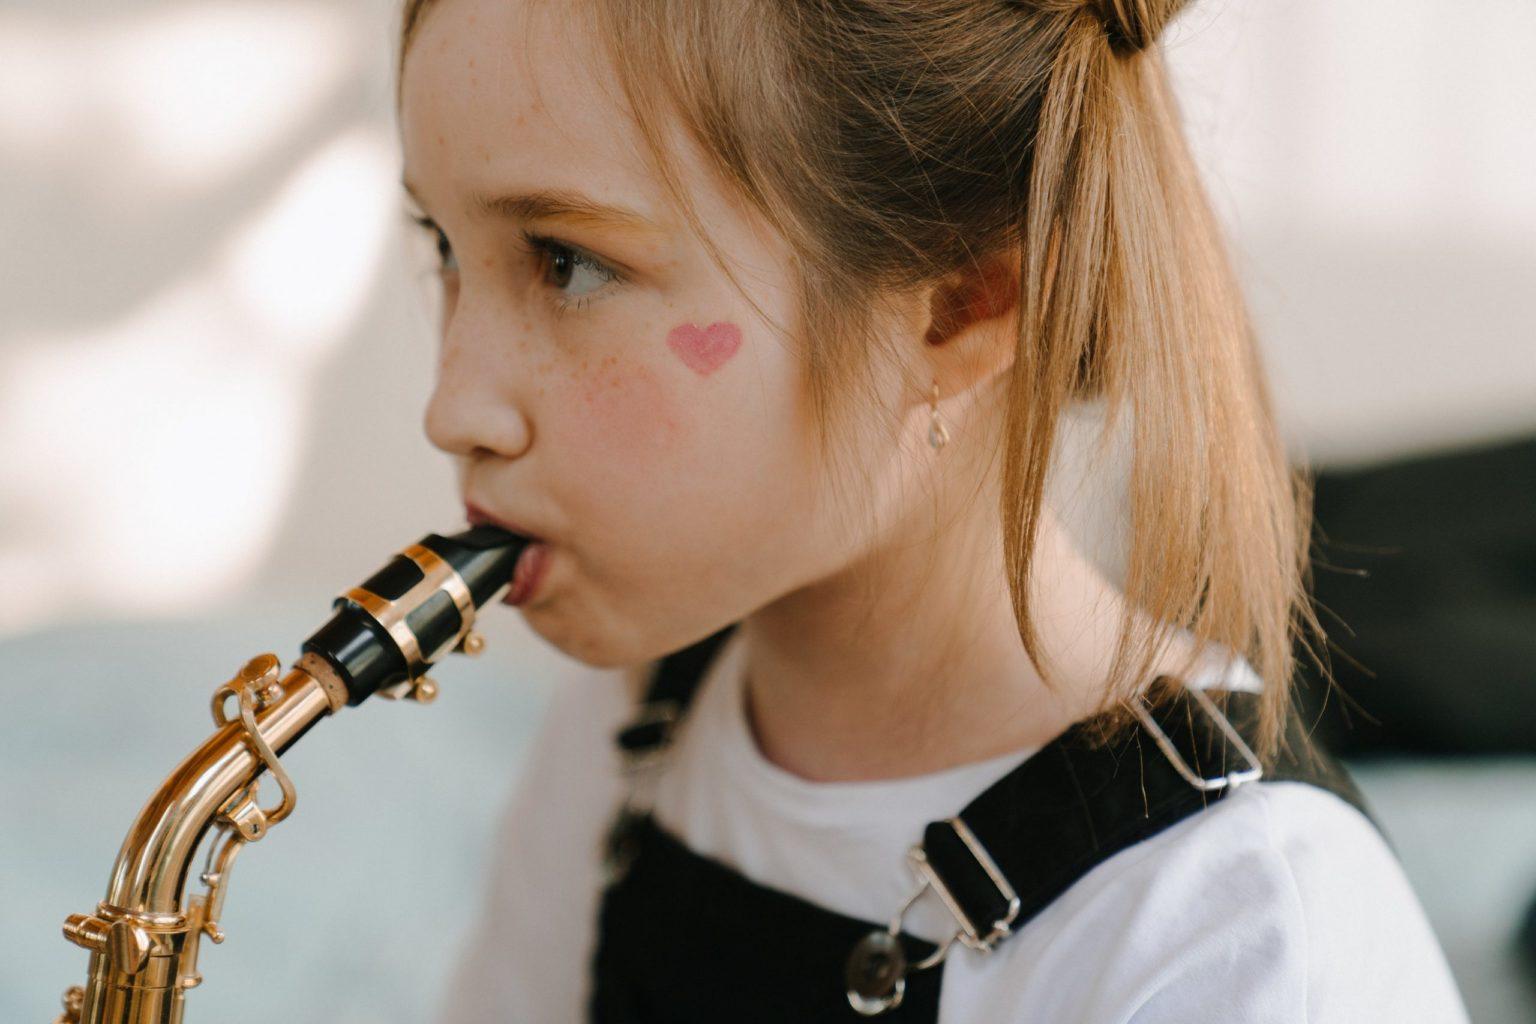 Йога, игра на саксофоне и другие способы укрепить легкие во время пандемии